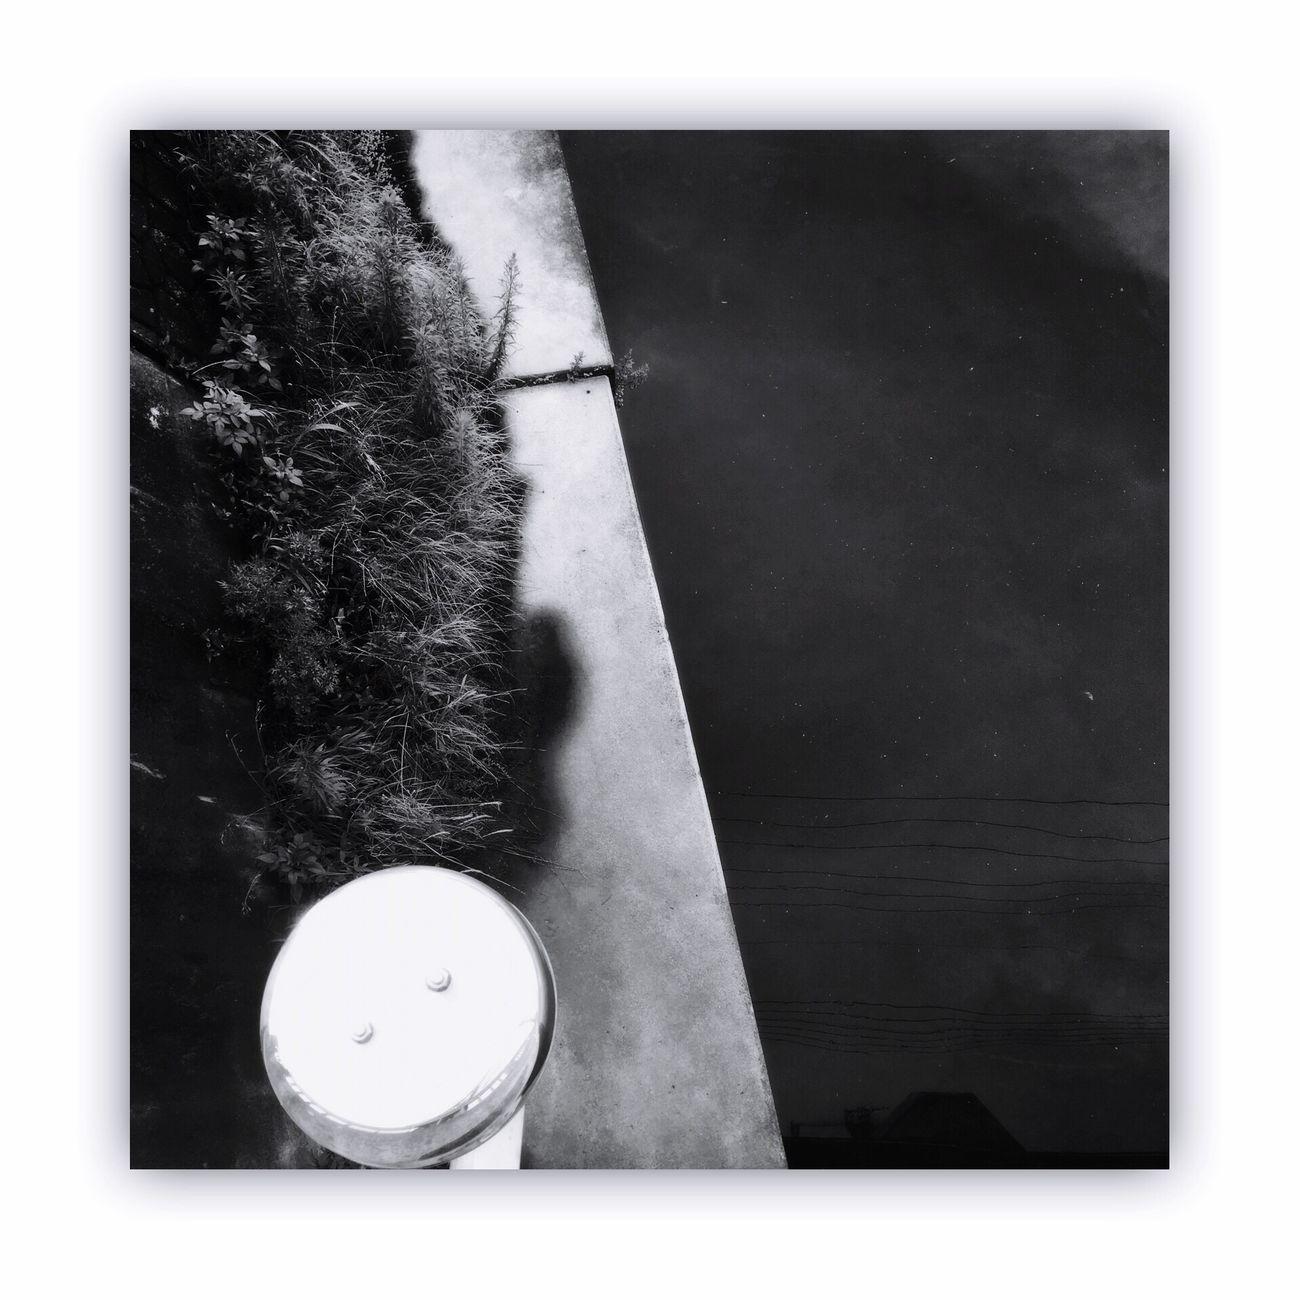 川を橋の上から撮る。 I Took The Rivers From On The Bridge River Bridge Monochrome Light And Shadow Blackandwhite Monochrome_life